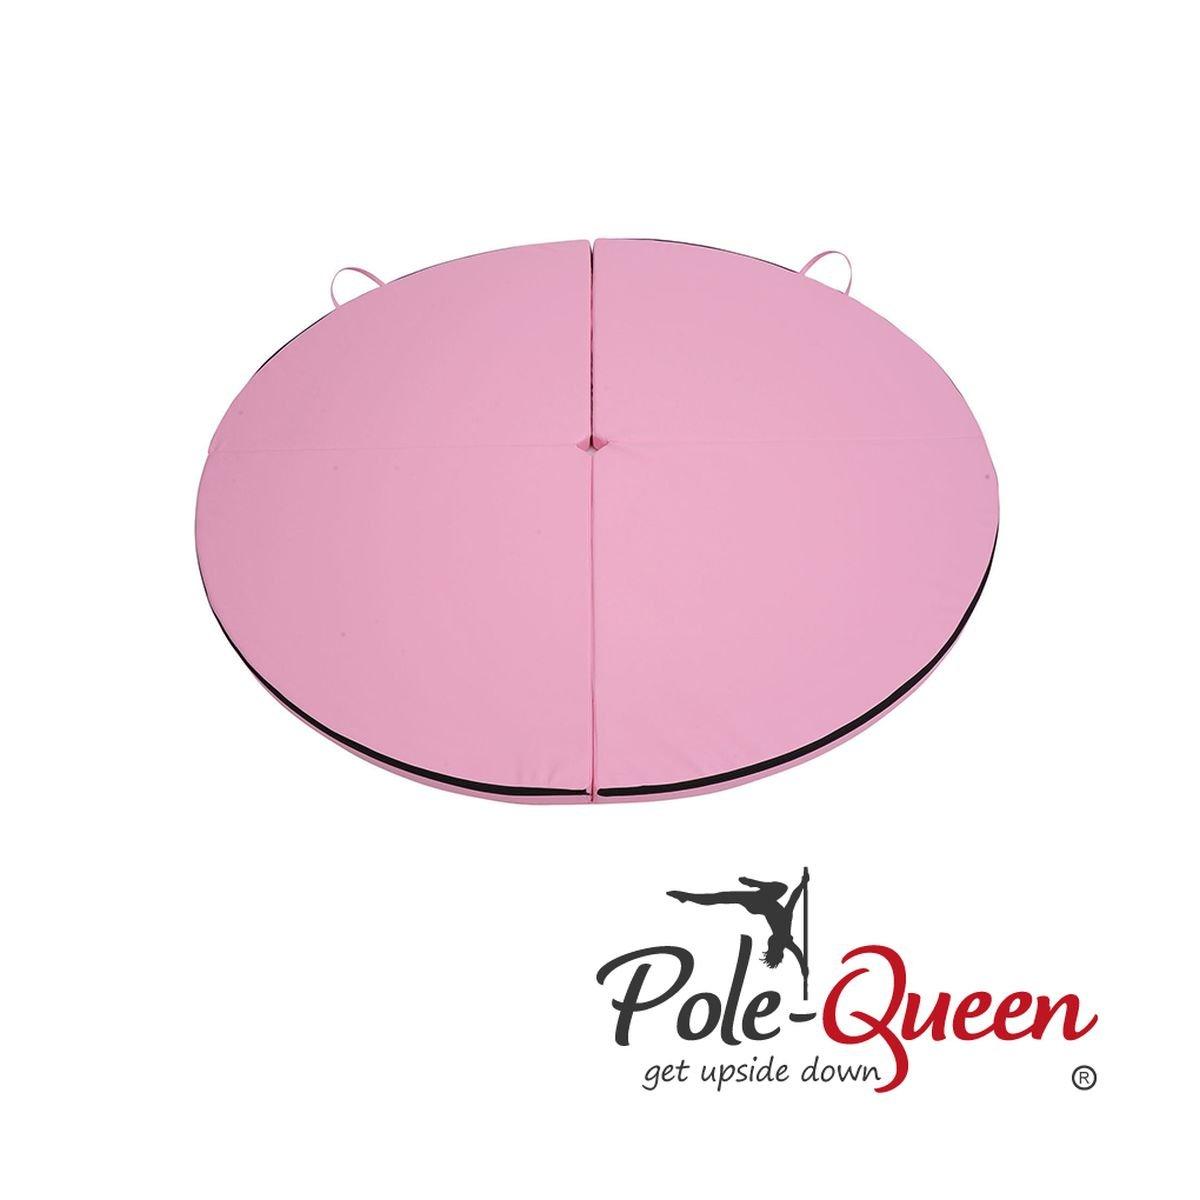 Pole Dance Tapis de Original POLE-QUEEN© Top Qualité La Crash Tapis de protection parfaite 1993-pink